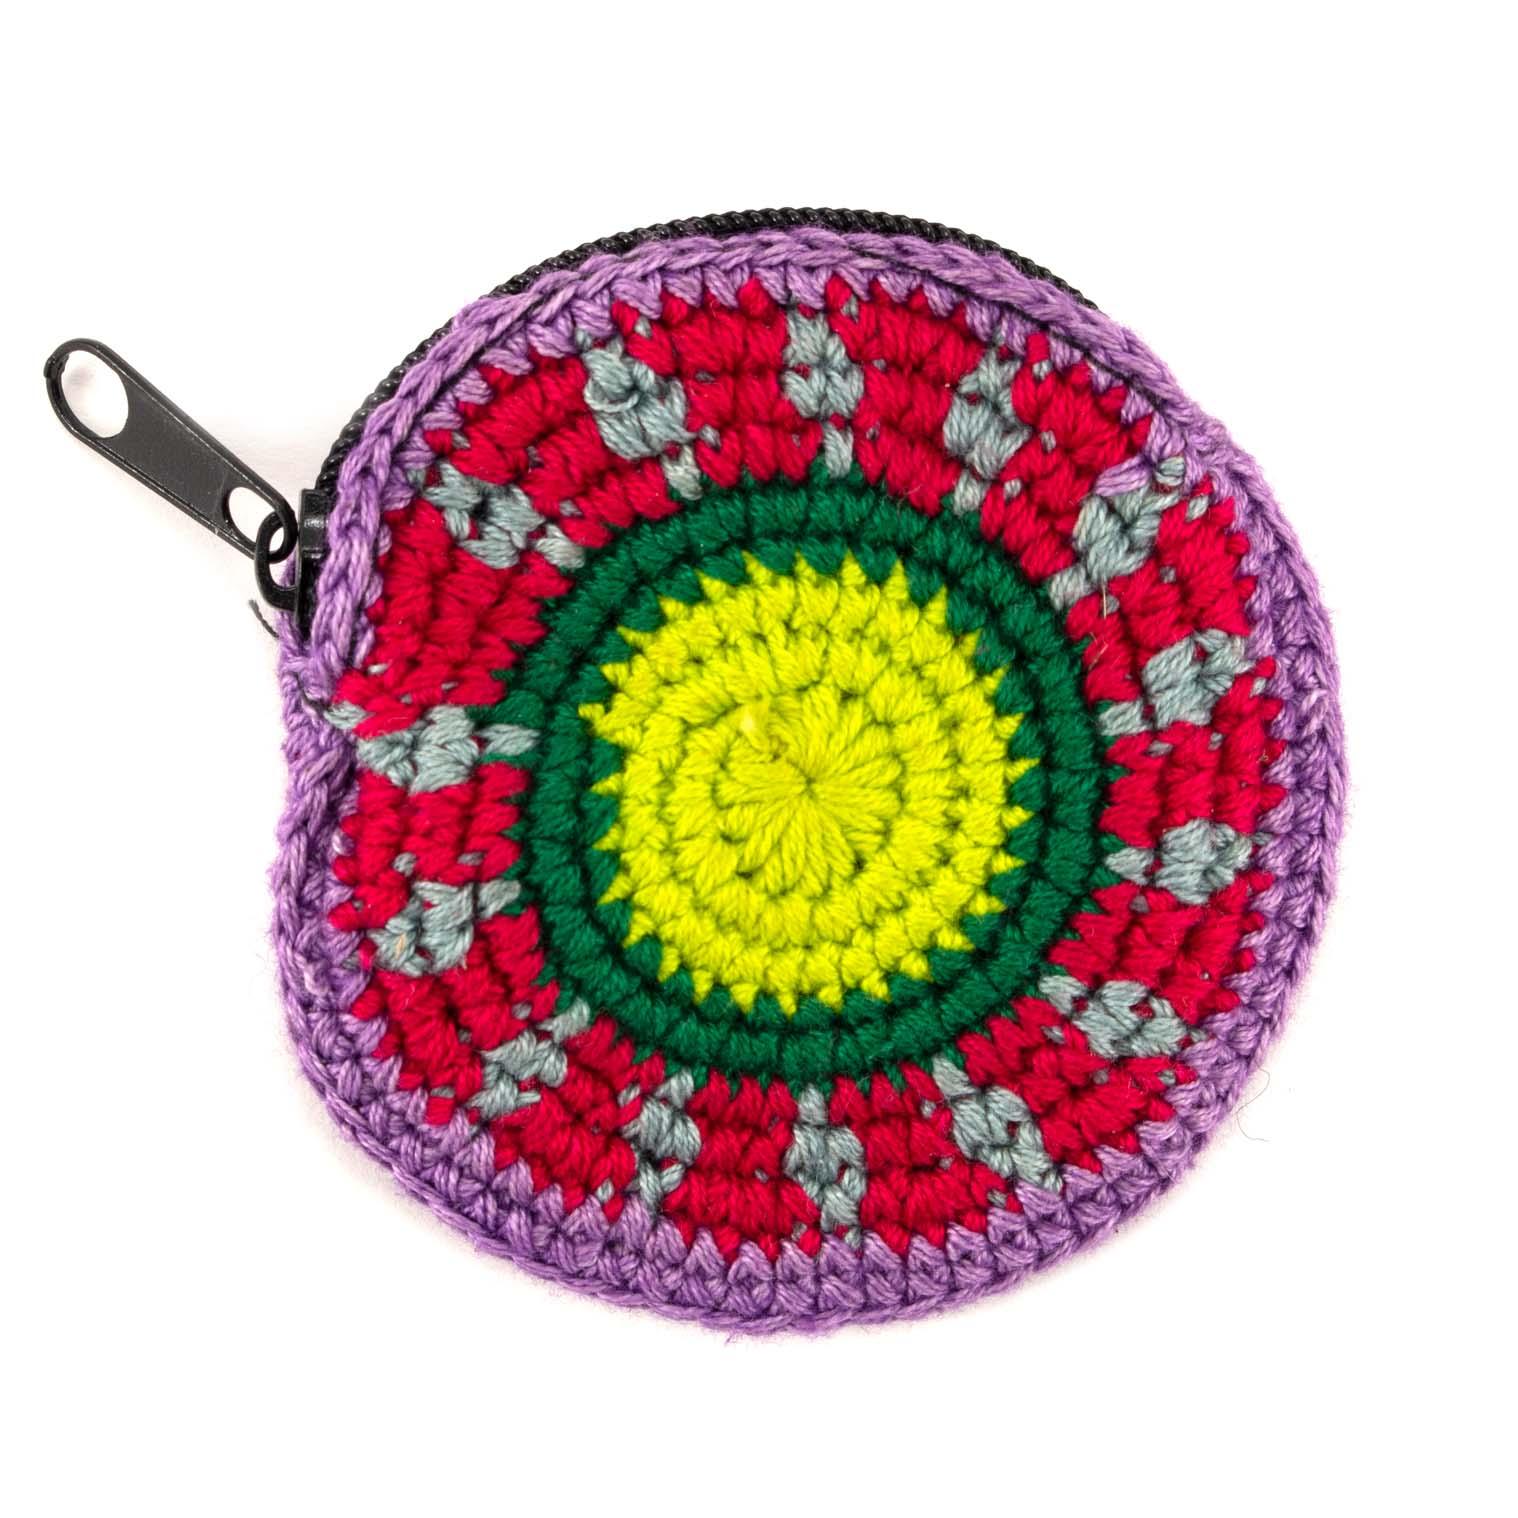 Mini Round Crochet Purse